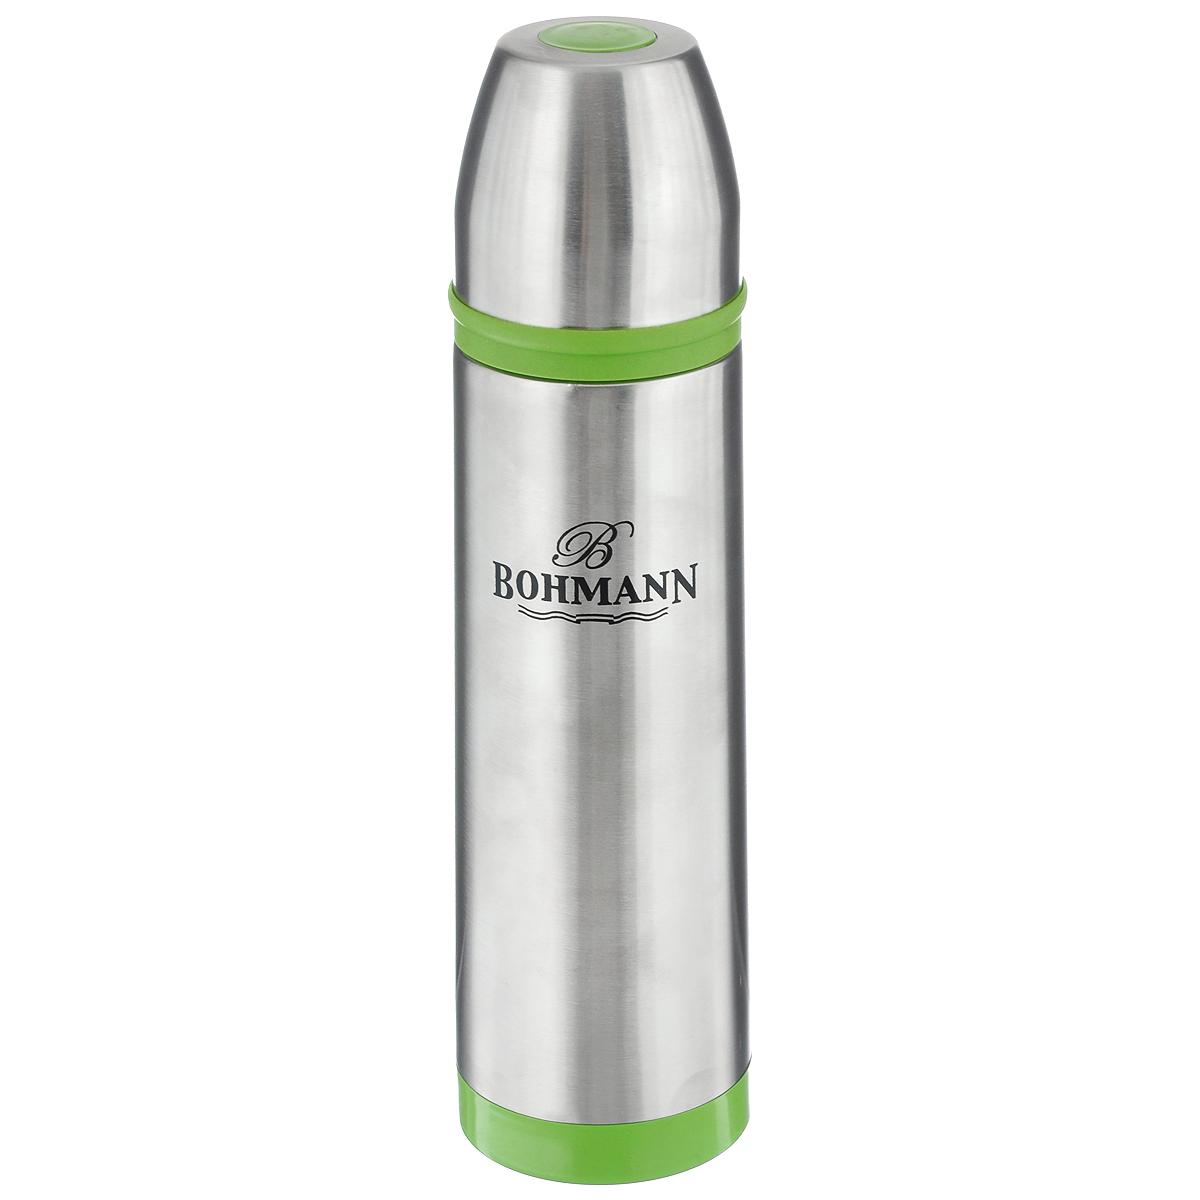 Термос Bohmann с узким горлом, цвет: салатовый, 500 млVT-1520(SR)Термос с узким горлом Bohmann выполнен из нержавеющей стали с матовой полировкой. Двойные стенки сохраняют температуру до 24 часов. Внутренняя колба выполнена из высококачественной нержавеющей стали марки 18/10. Термос имеет вакуумную прослойку между внутренней колбой и внешней стенкой. Специальная термоизоляционная прокладка удерживает тепло. Термос снабжен плотно прилегающей закручивающейся пластиковой пробкой с нажимным клапаном и укомплектован теплоизолированной чашкой из нержавеющей стали. Для того чтобы налить содержимое термоса нет необходимости откручивать пробку. Достаточно надавить на клапан, расположенный в центре. Легкий и удобный, термос Bohmann станет незаменимым спутником в ваших поездках.Диаметр основания термоса: 7 см.Высота термоса (с учетом крышки): 26 см.